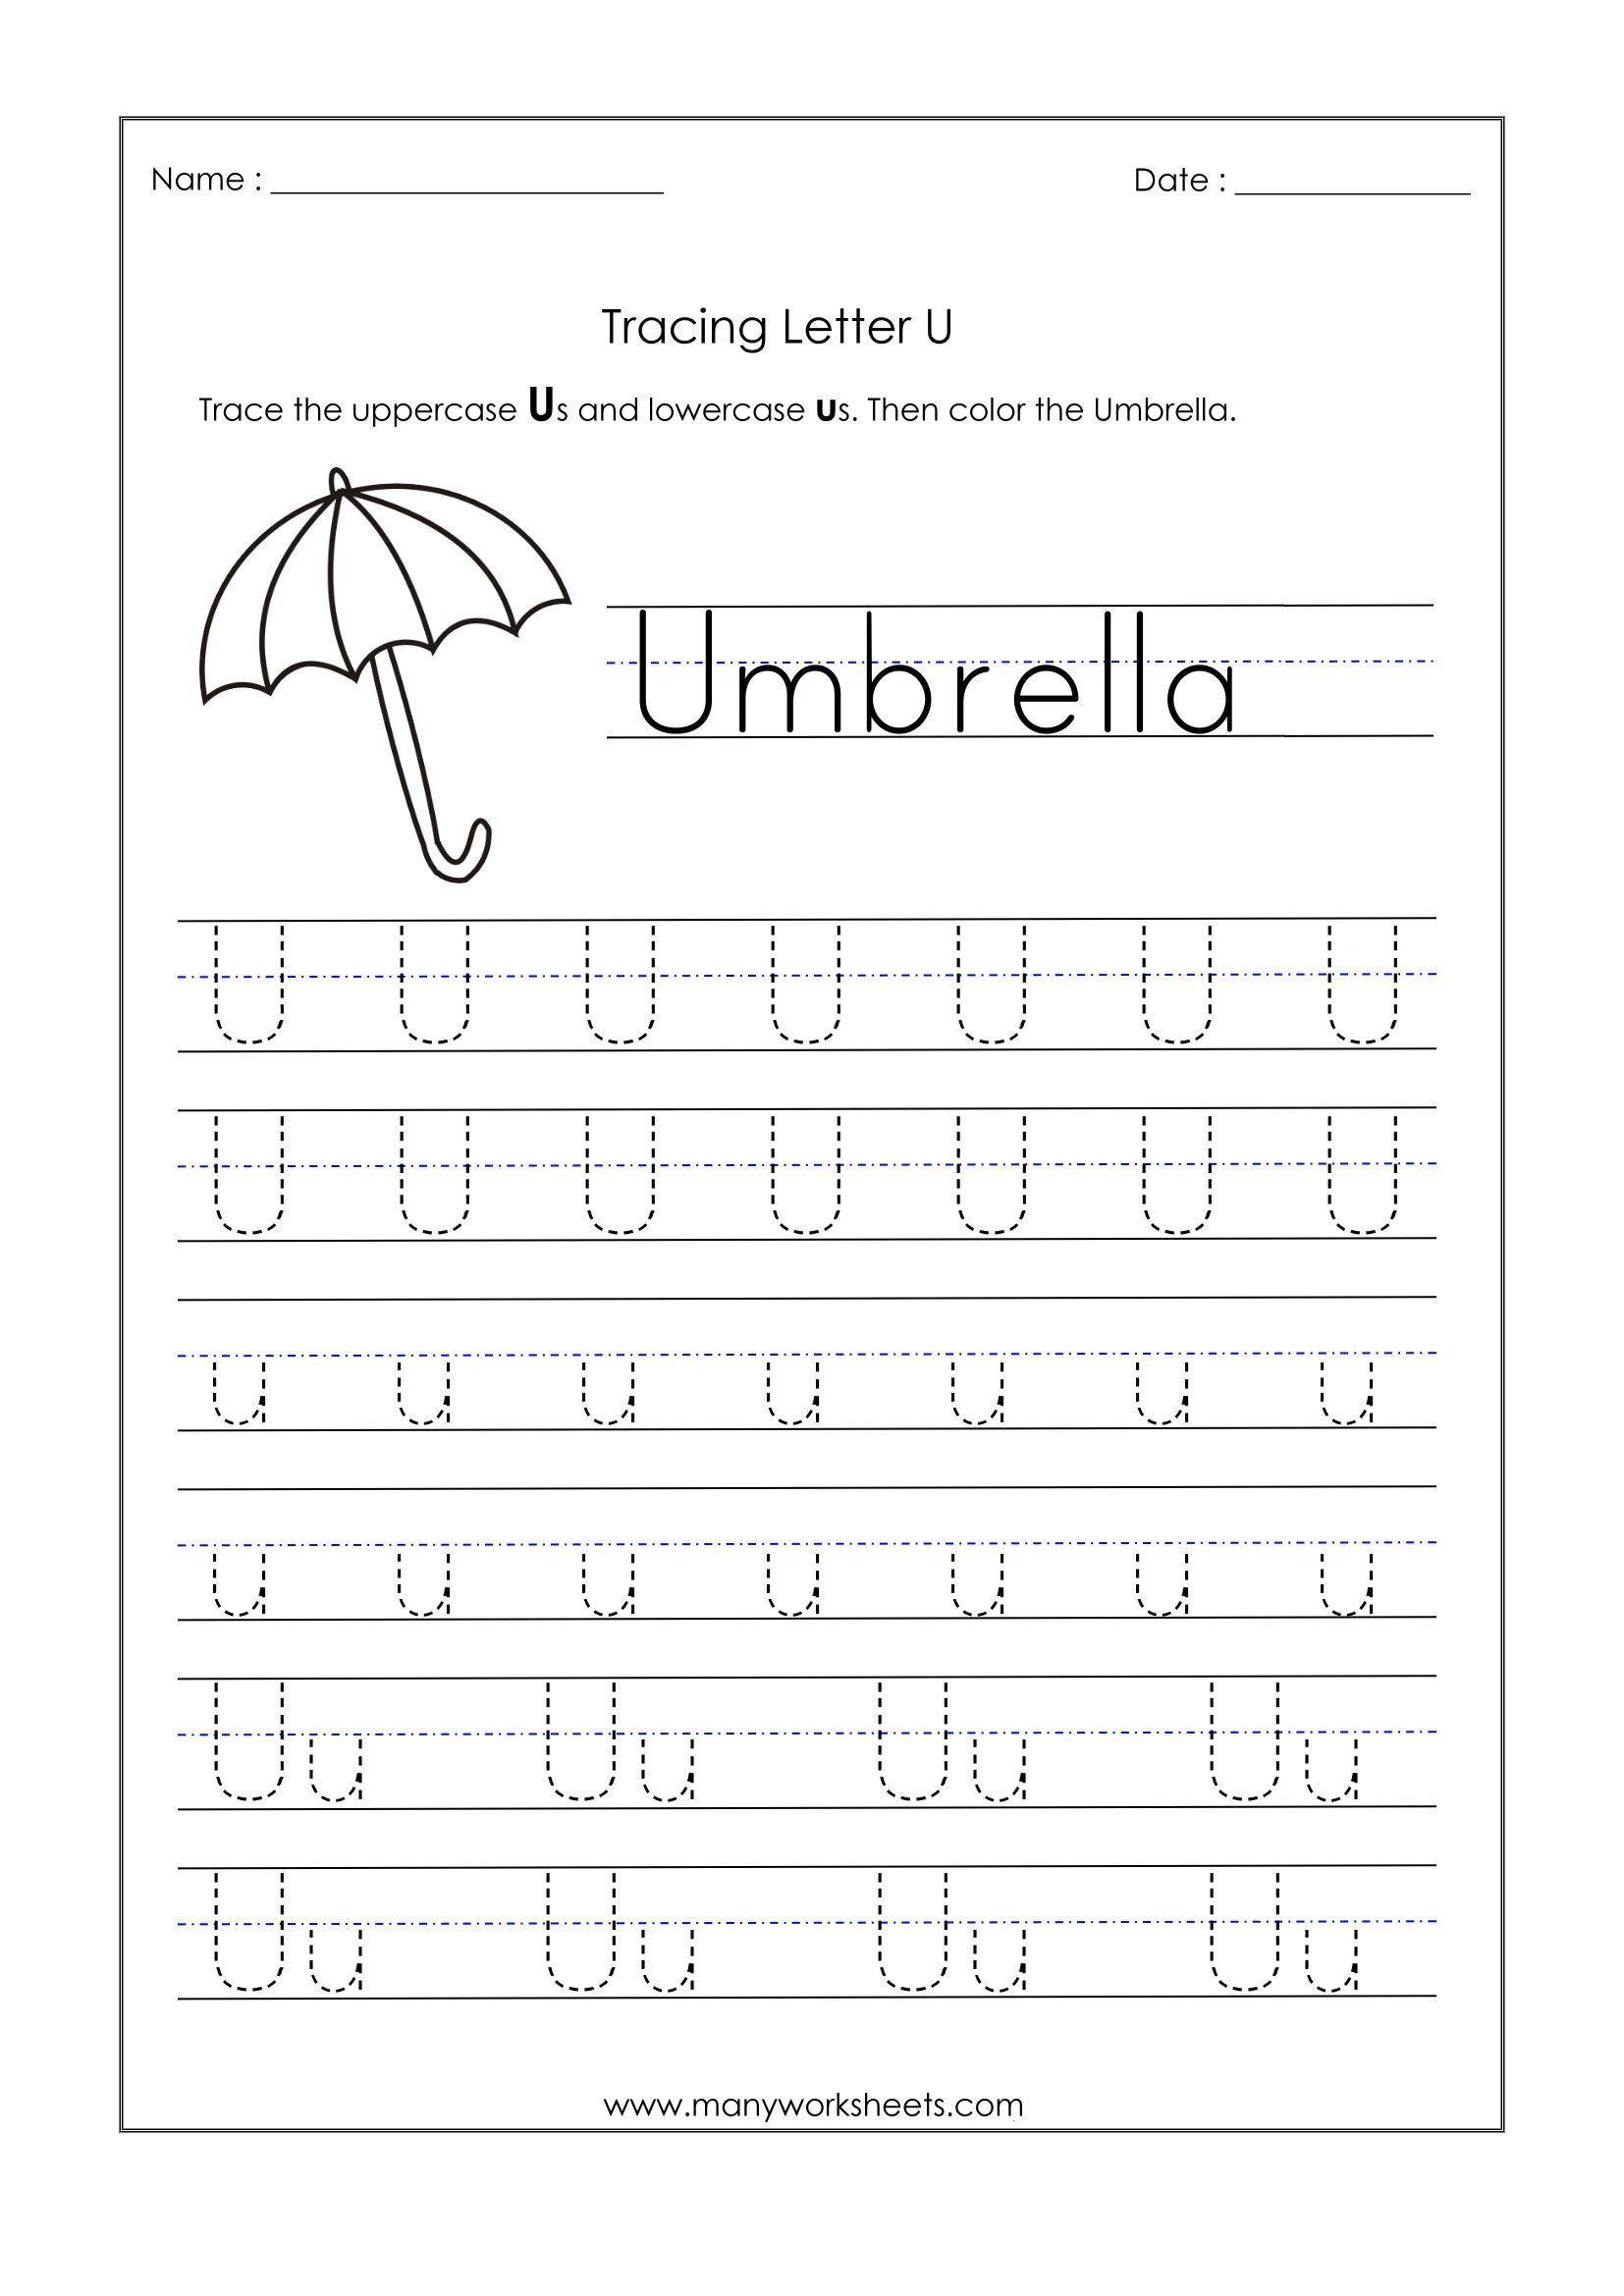 20 Letter U Worksheets For Kindergarten Debra Brown In 2020 Tracing Worksheets Preschool Handwriting Worksheets For Kids Kindergarten Worksheets